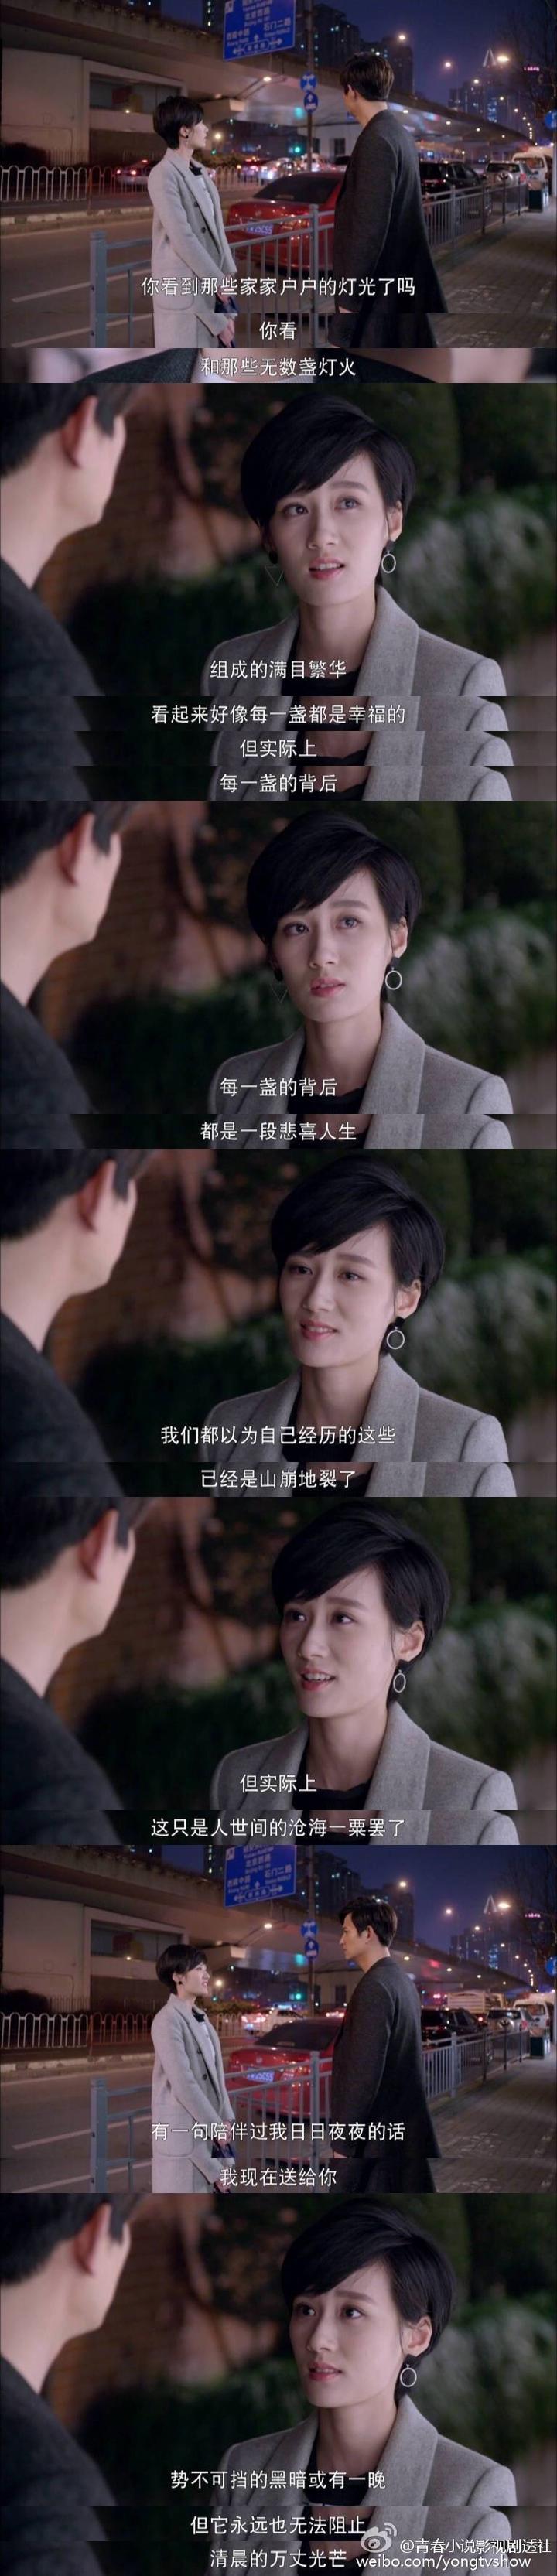 看致青春电视剧有何感受?不泪流满面?上海电视热播电视剧图片